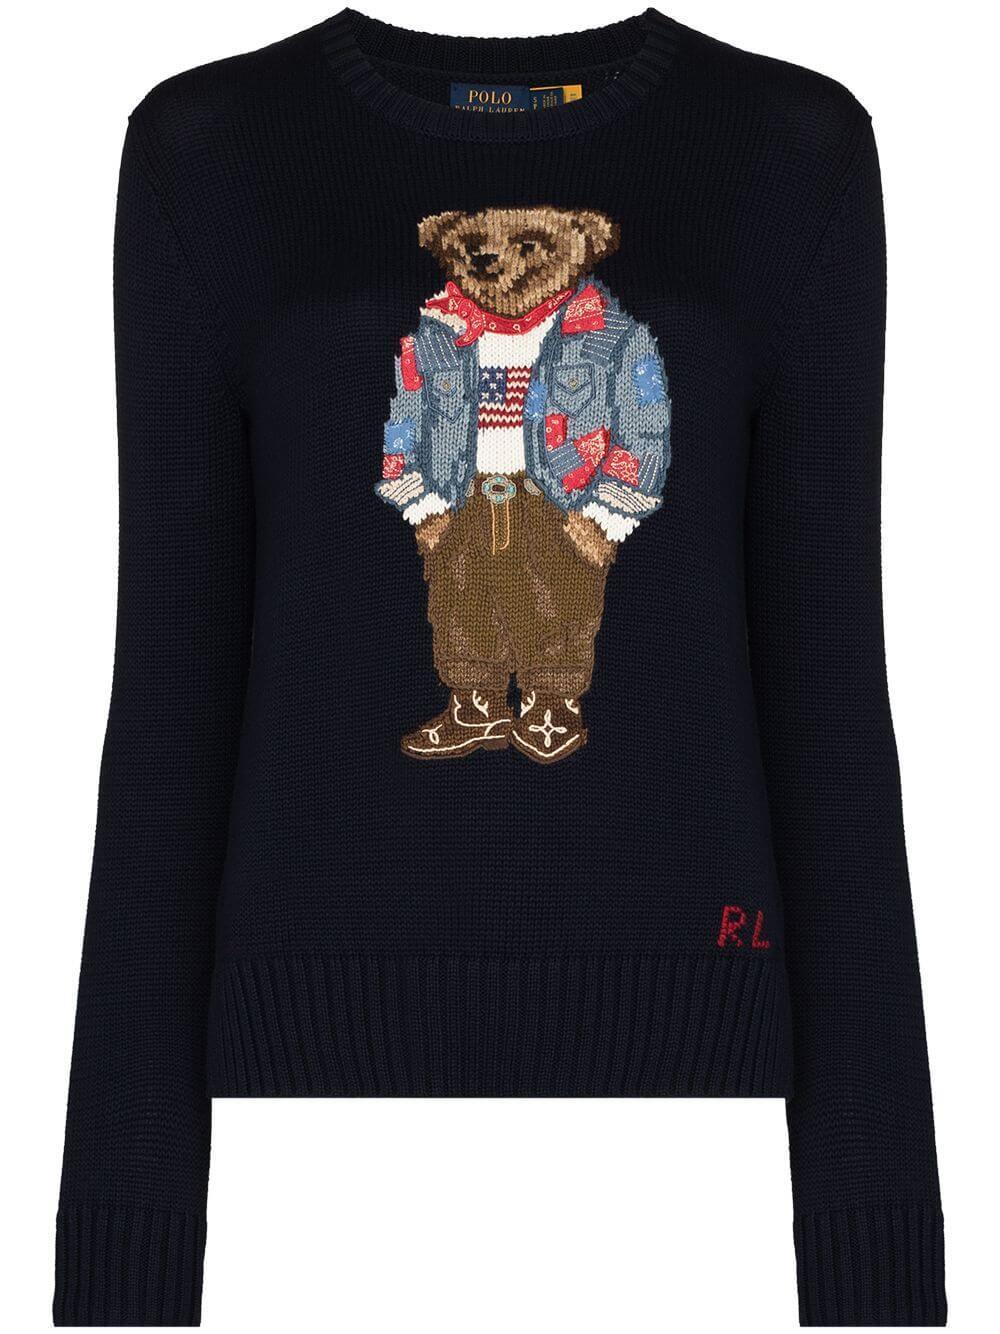 Bear Sweater Item # 211843147001